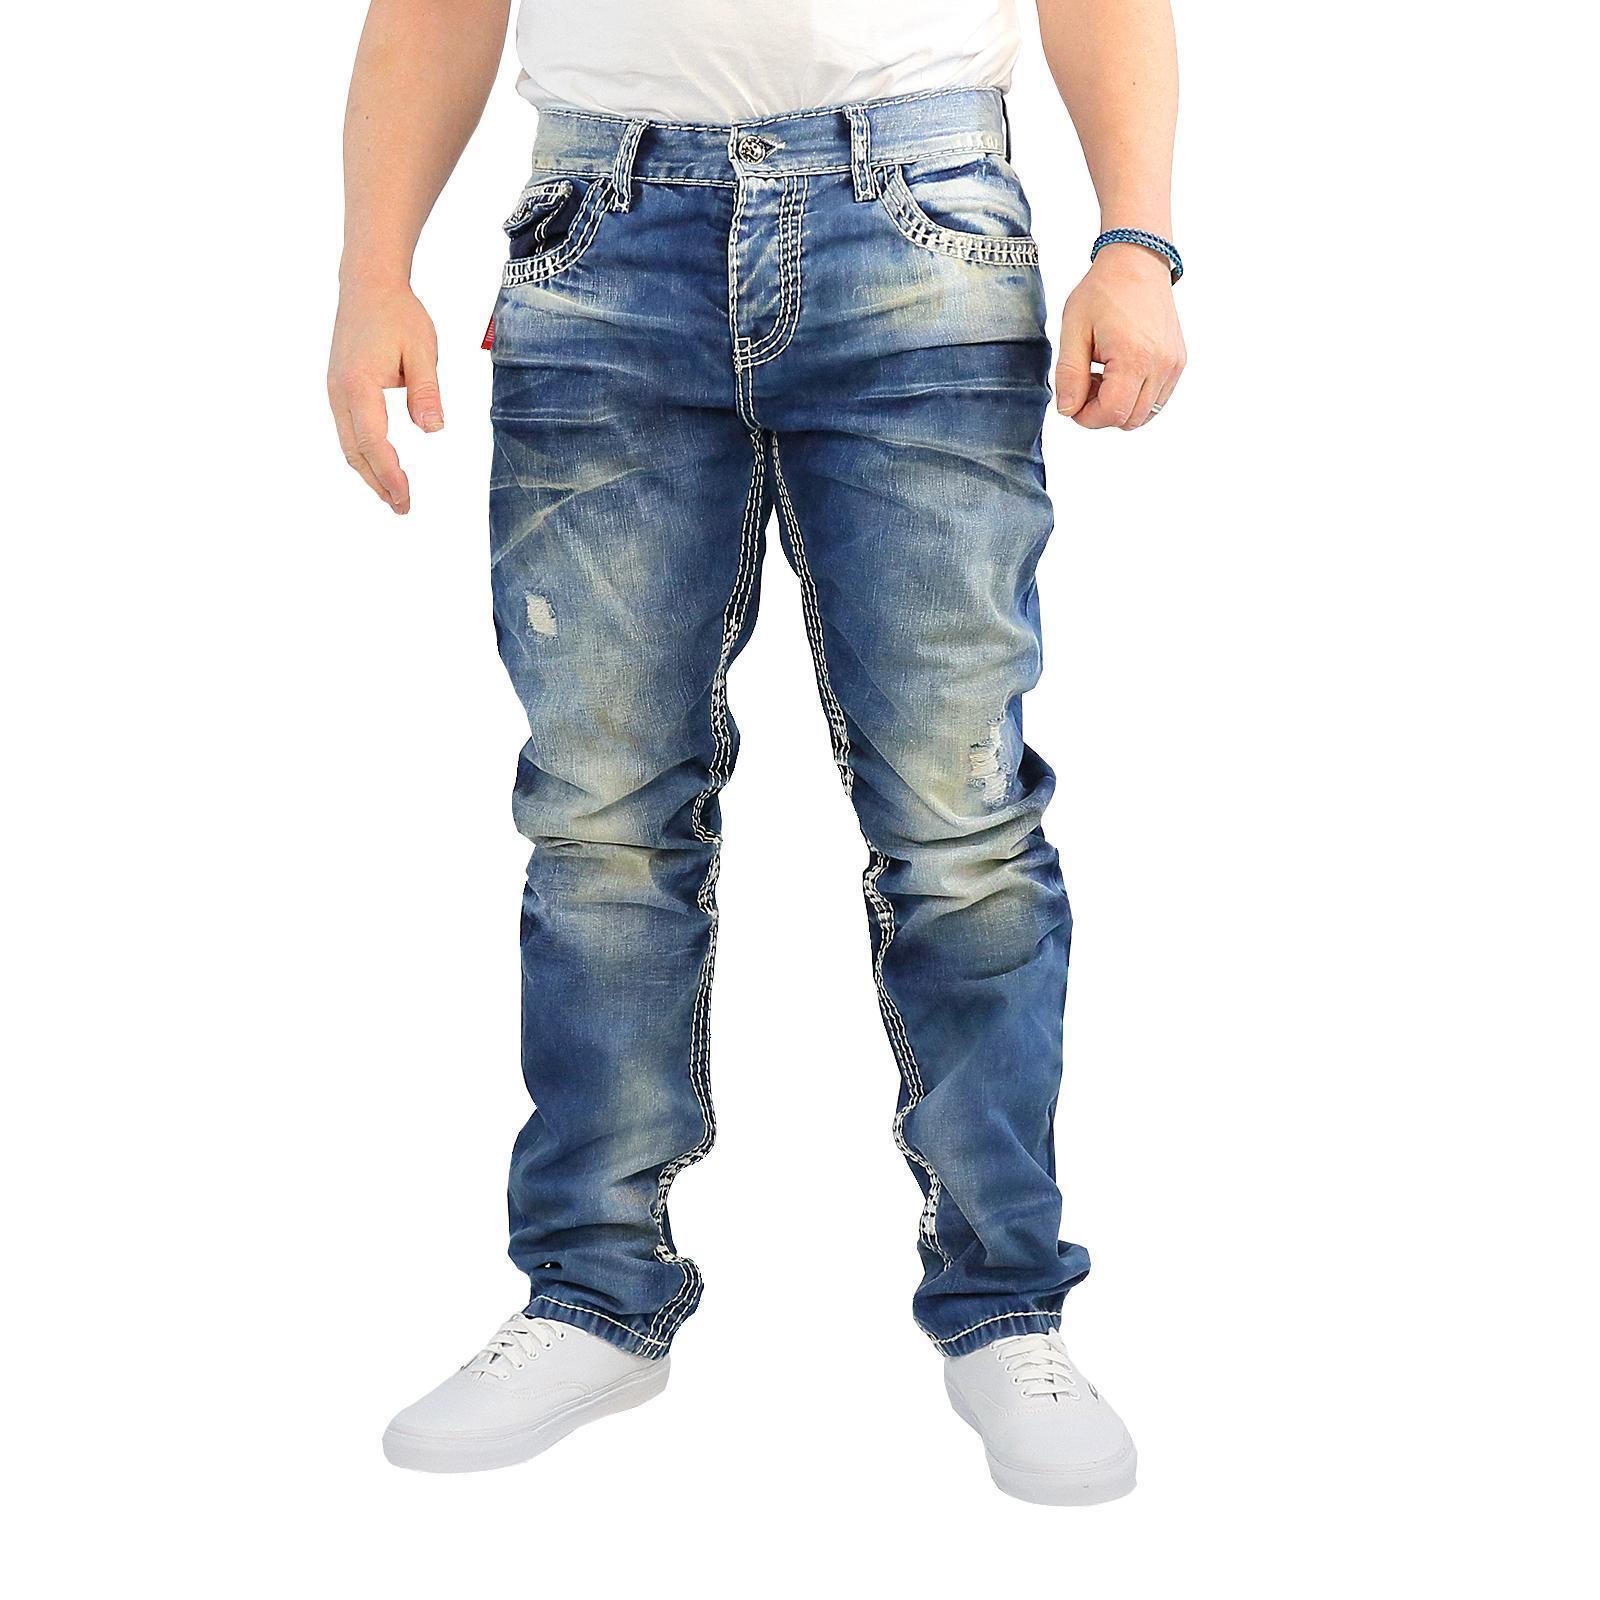 Cipo & Baxx CD 149 Jeans Uomo usato stile Pantaloni, colore midblu, 14987